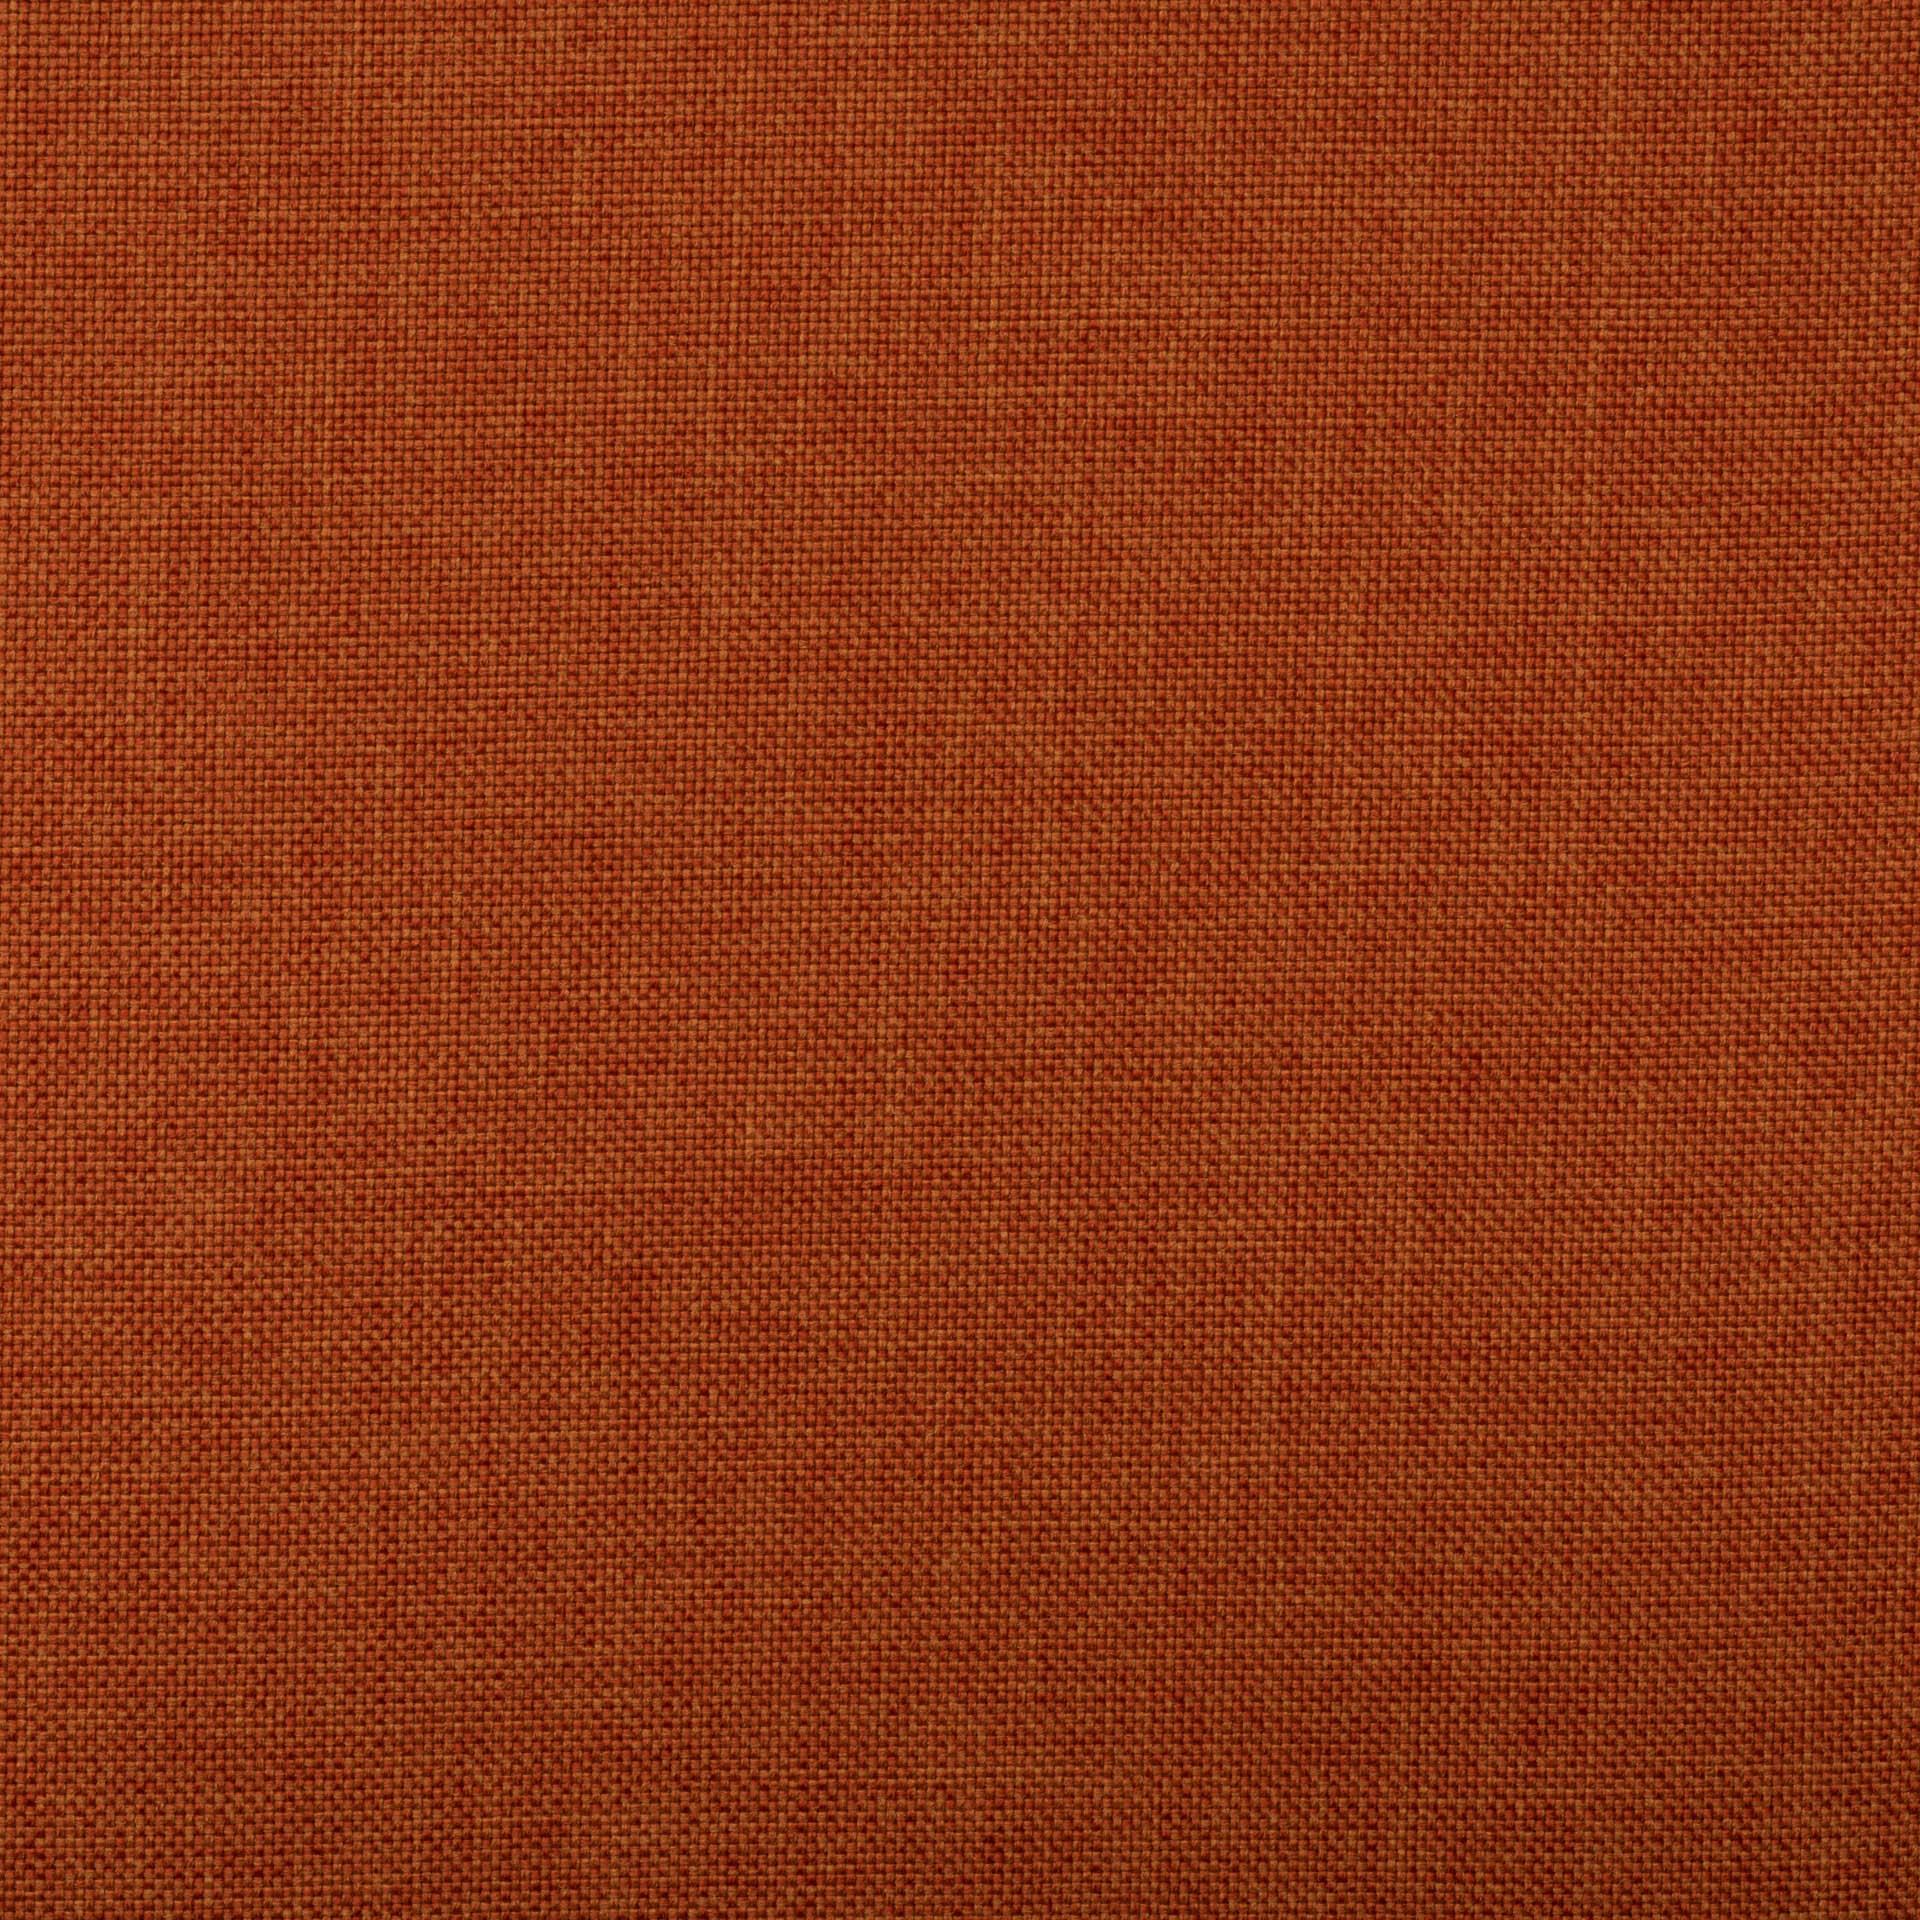 Коллекция ткани Саванна ORANGE 15,  купить ткань Жаккард для мебели Украина